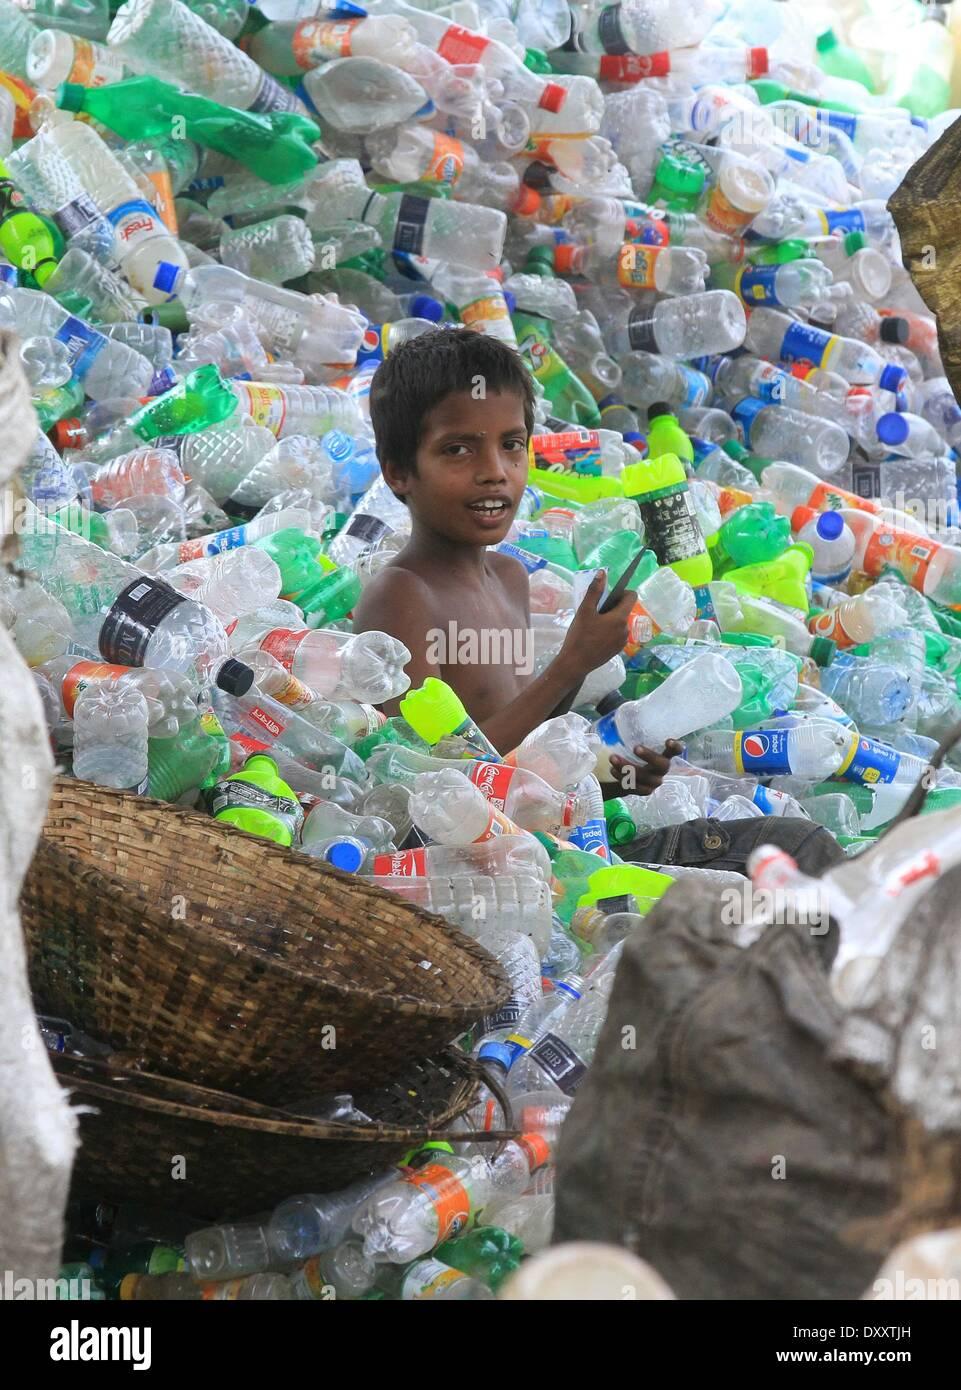 3d898a0e611 Un des enfants du Bangladesh travaille dans une usine de recyclage de  bouteilles en plastique en plus de la rivière Buriganga à Dhaka le 01 avril  2014.